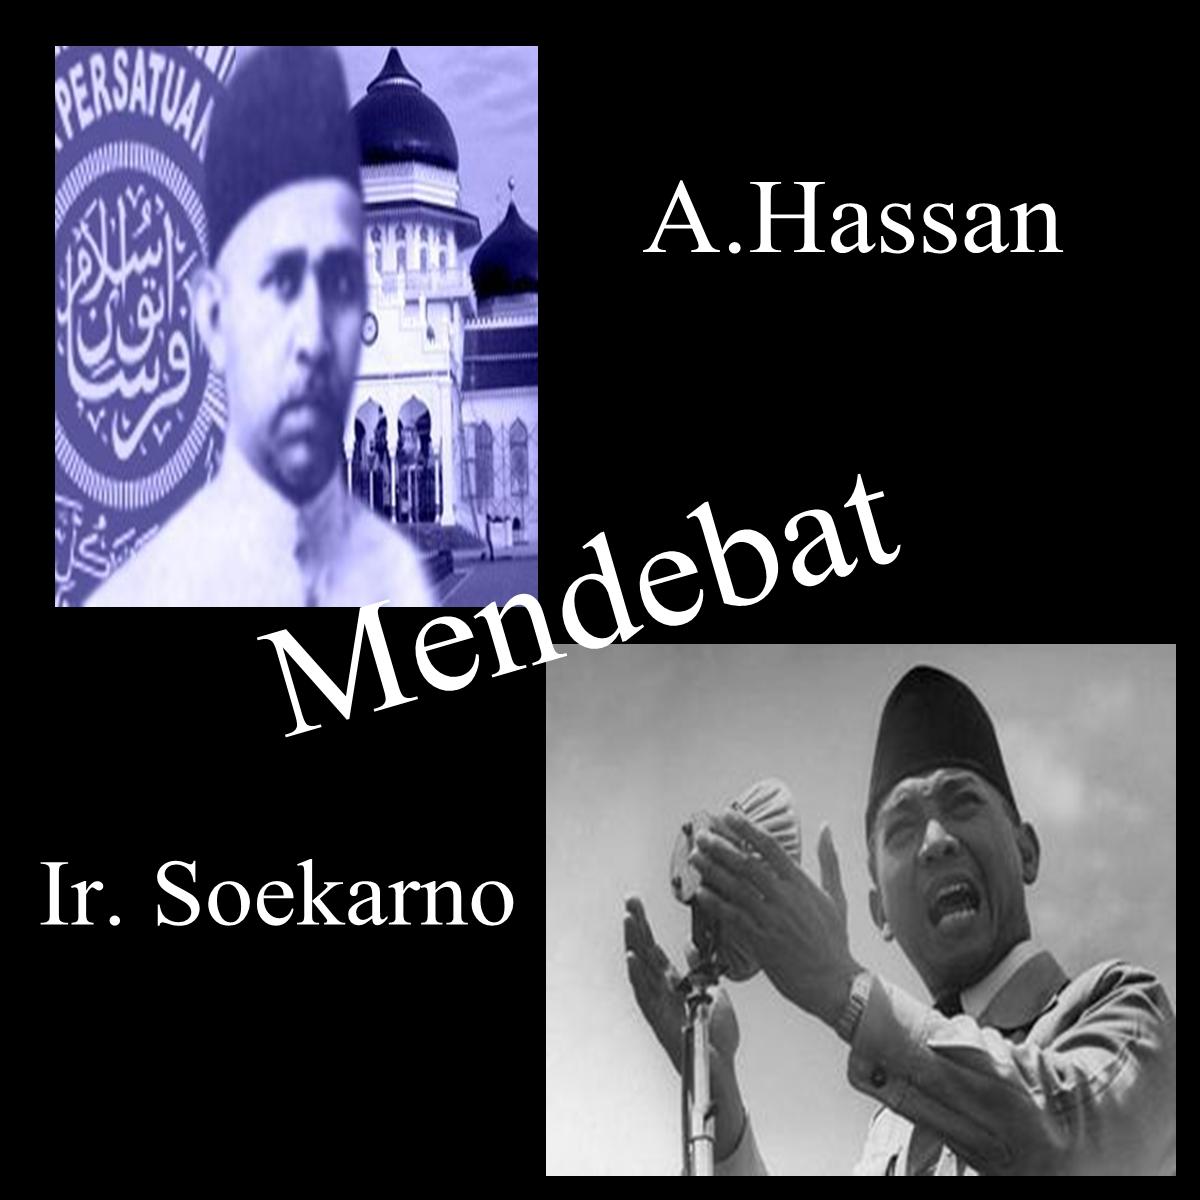 Hassan Mendebat Ir. Soekarno | Toko Buku Nurul Ilmu Online